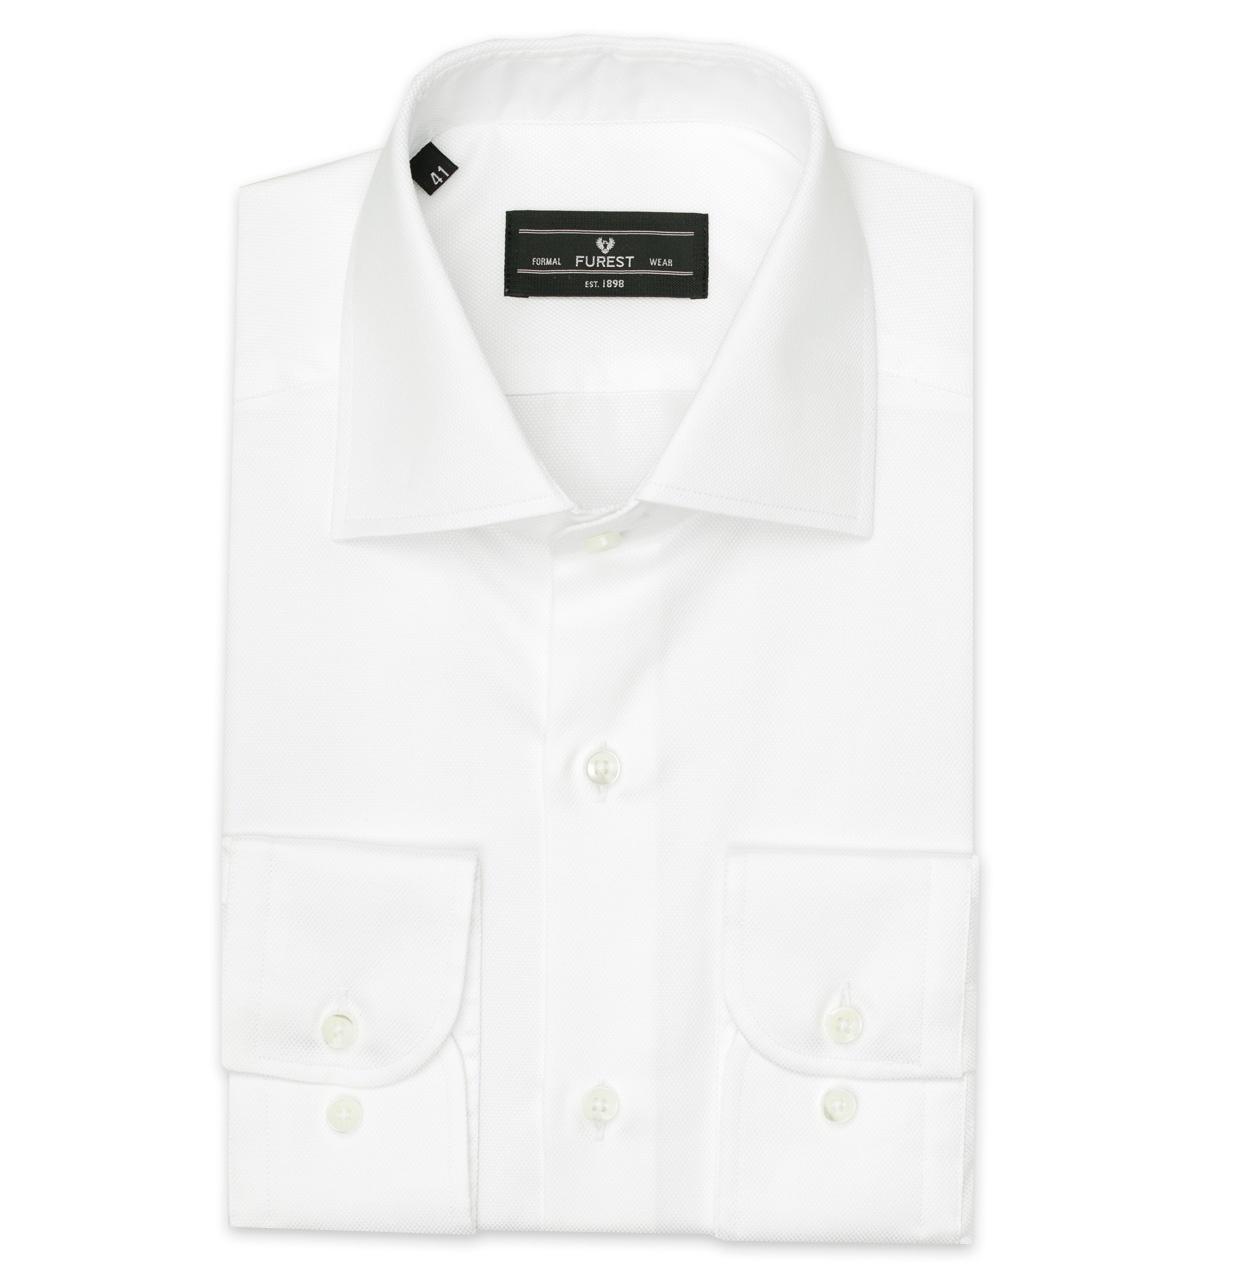 Camisa Formal Wear REGULAR FIT cuello Italiano modelo NAPOLI tejido micro esterilla color blanco,100% Algodón.